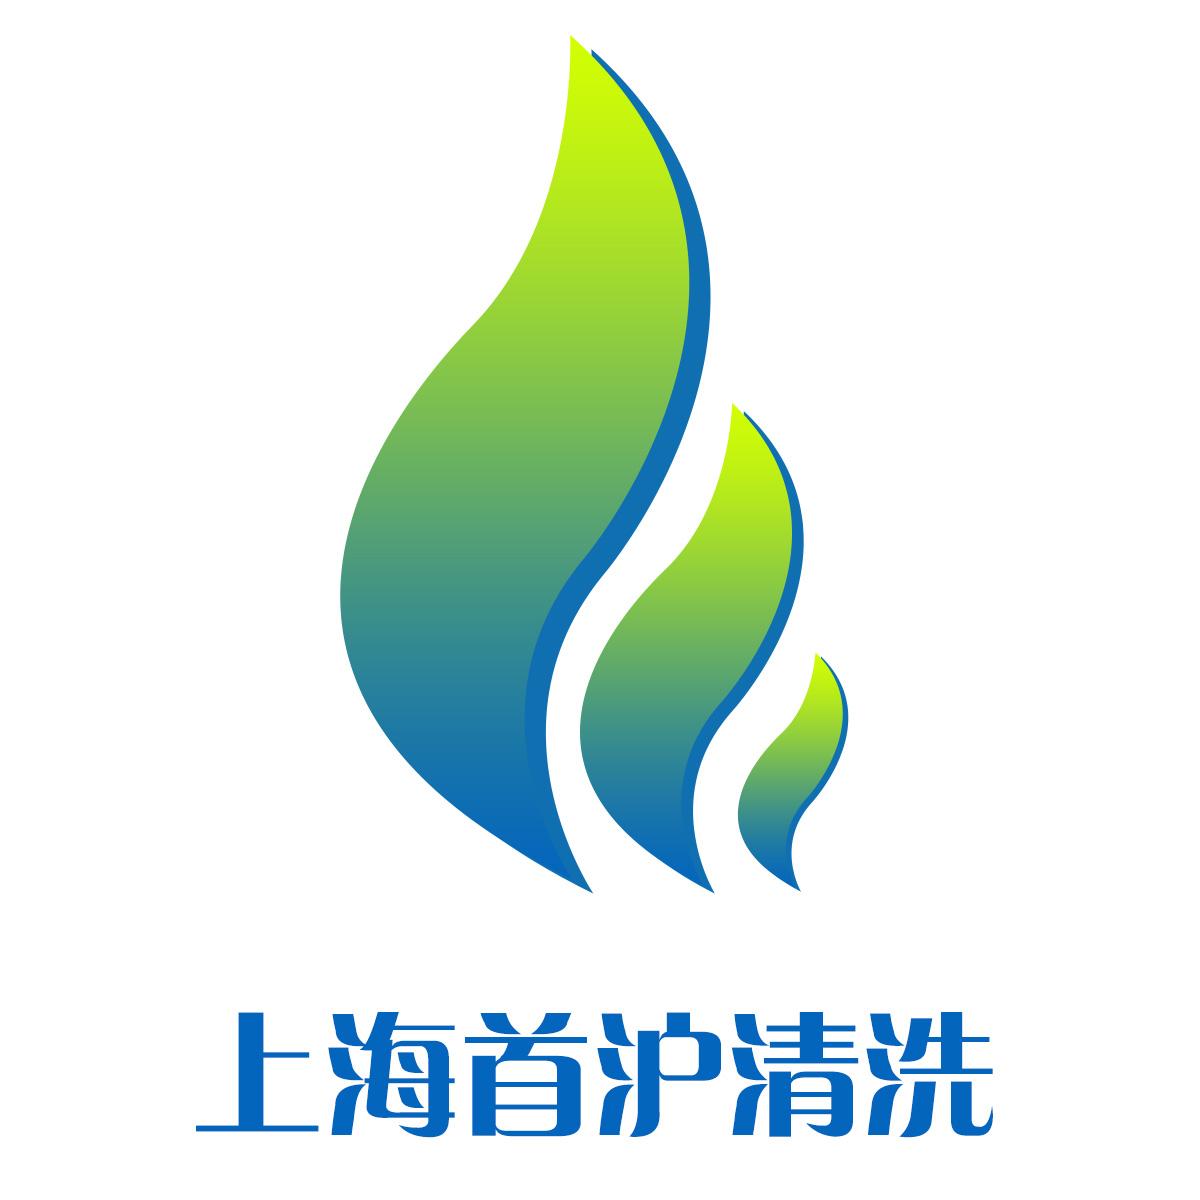 上海首滬清洗服務有限公司